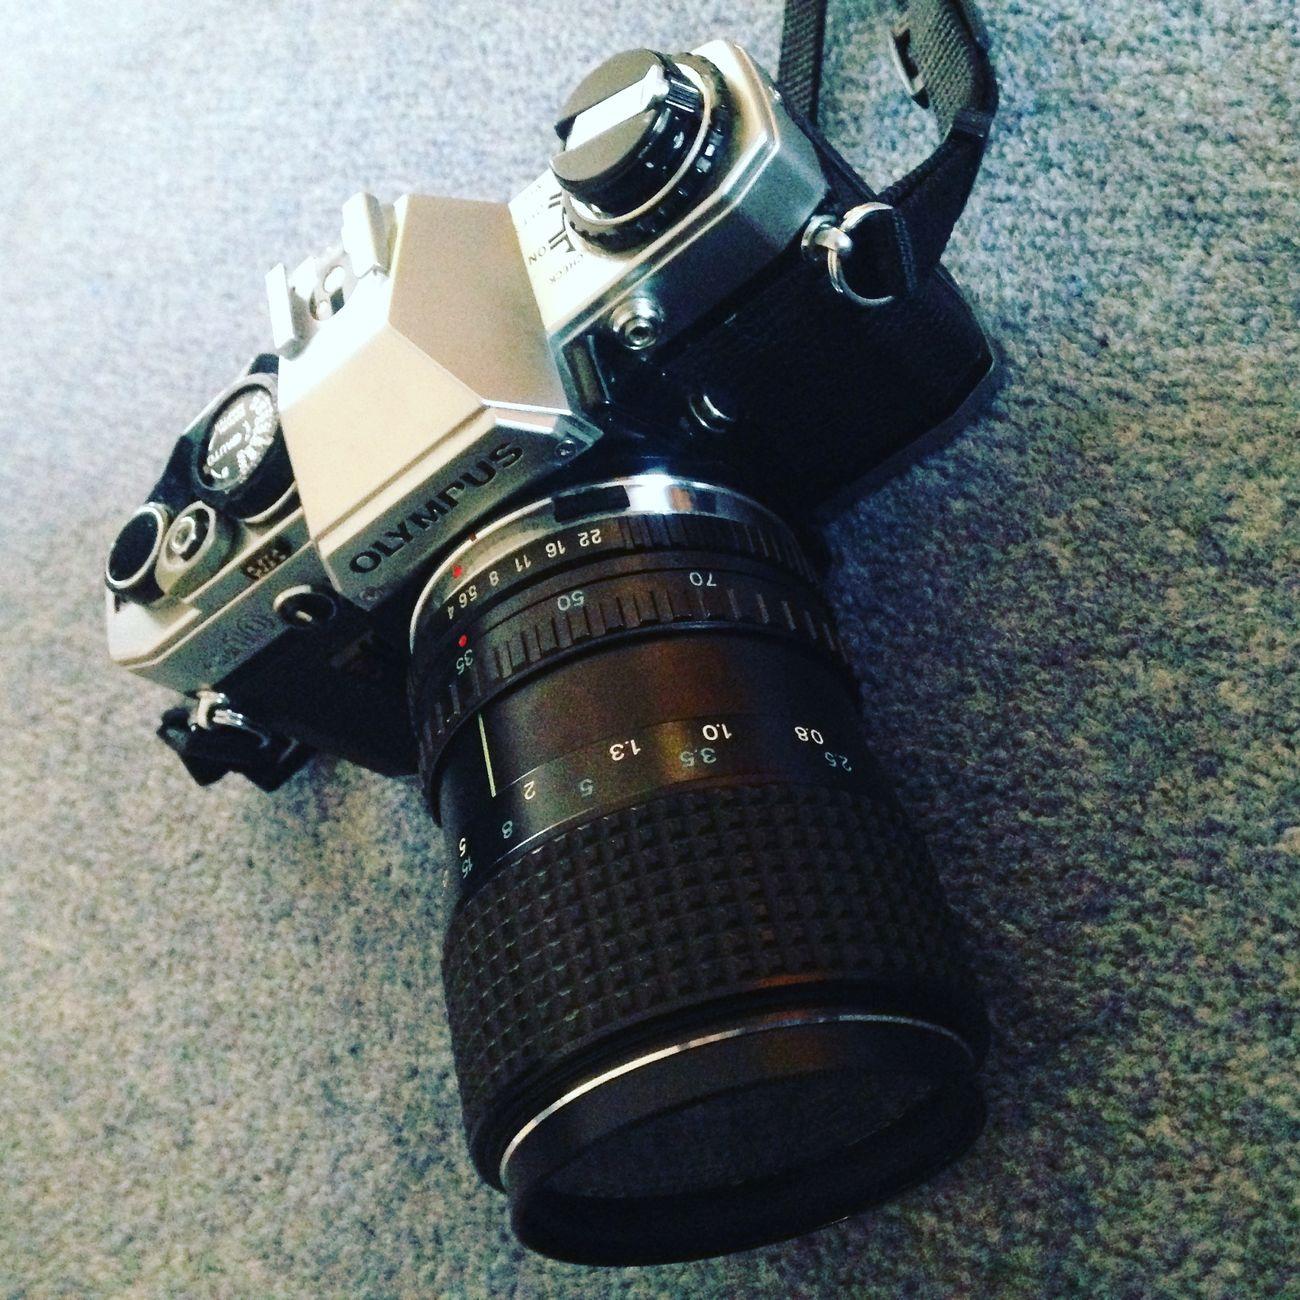 New film camera of mine Olympus Olympus Om10 Film Photography First Eyeem Photo